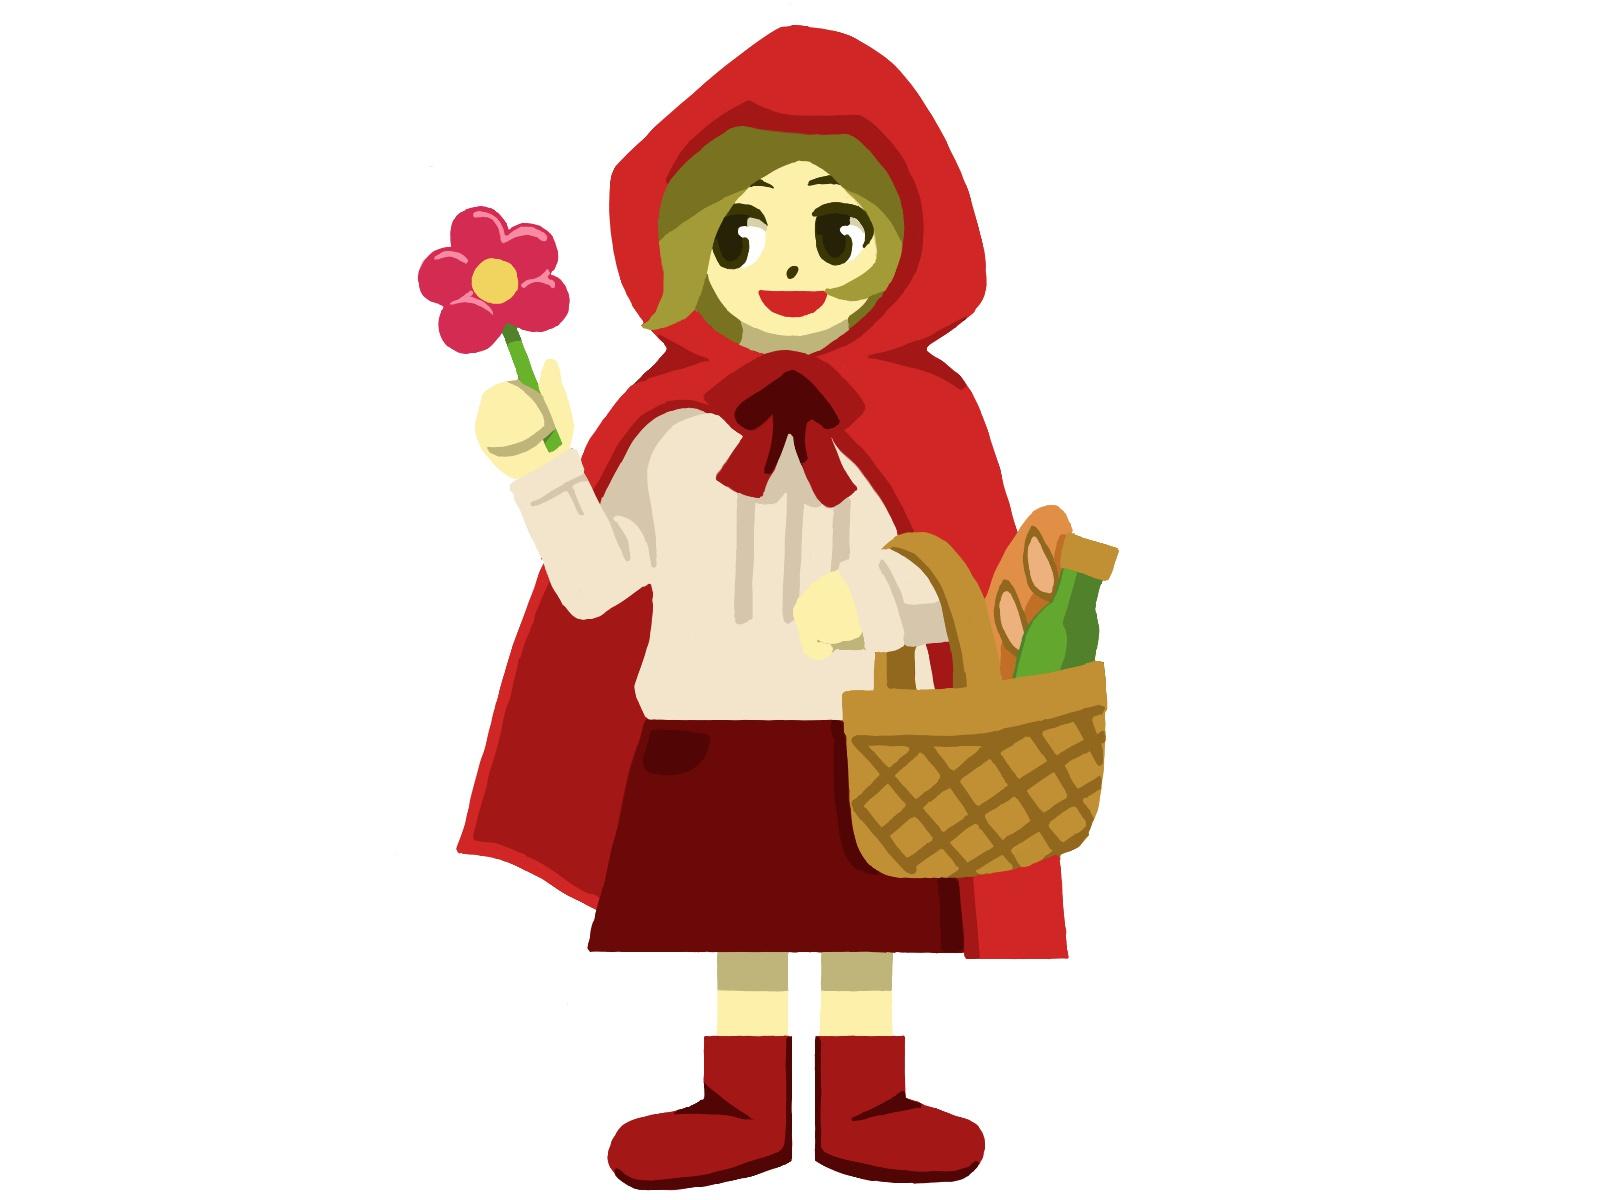 ハロウィンで赤ずきんちゃんの手作り衣装を着た女の子